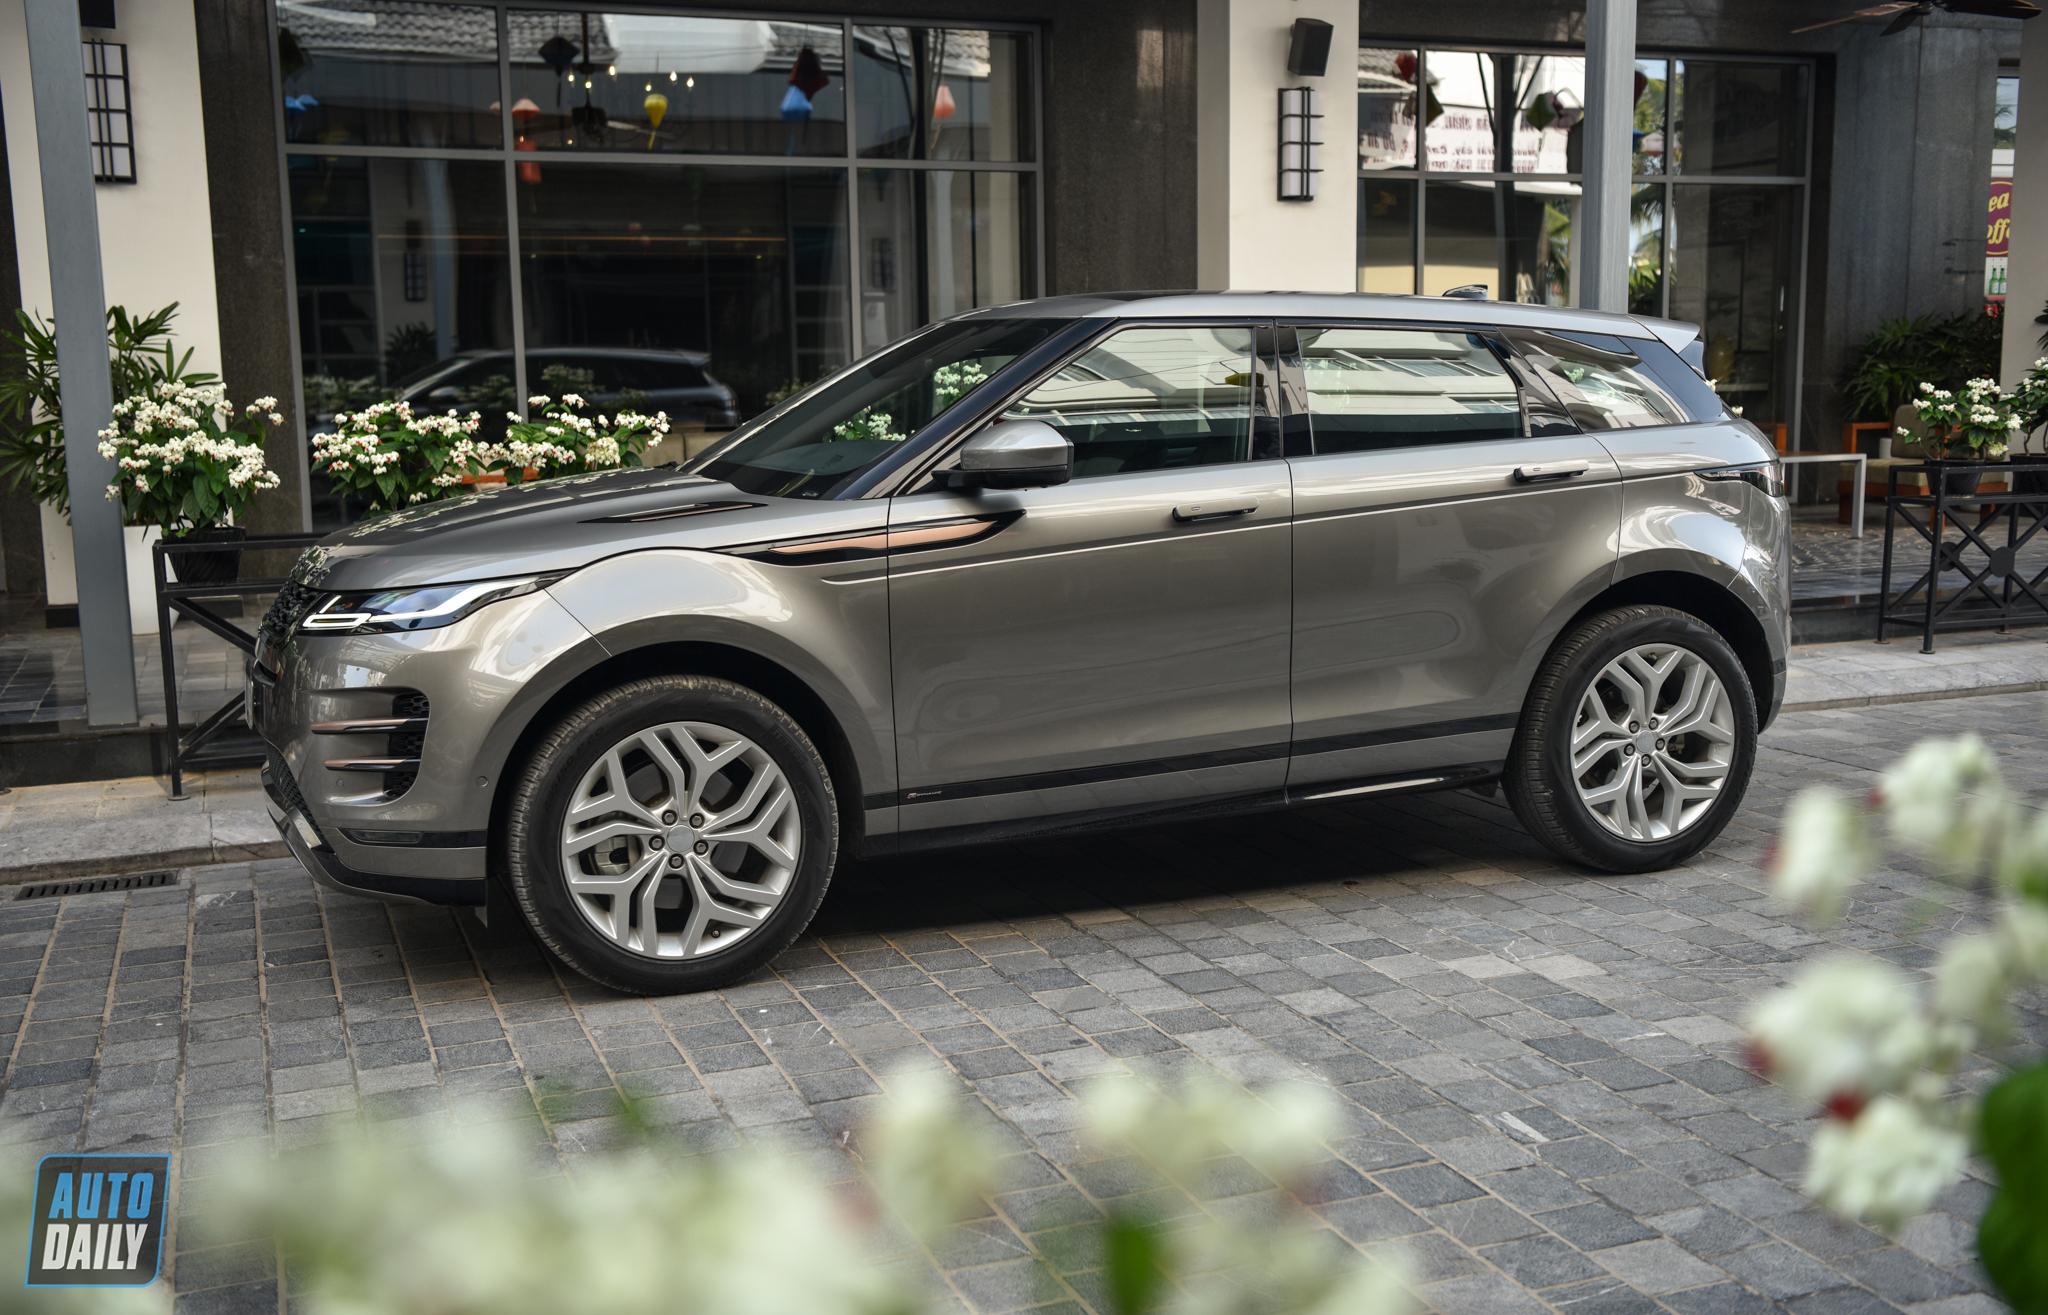 range-rover-evoque-2020-autodaily-13.jpg